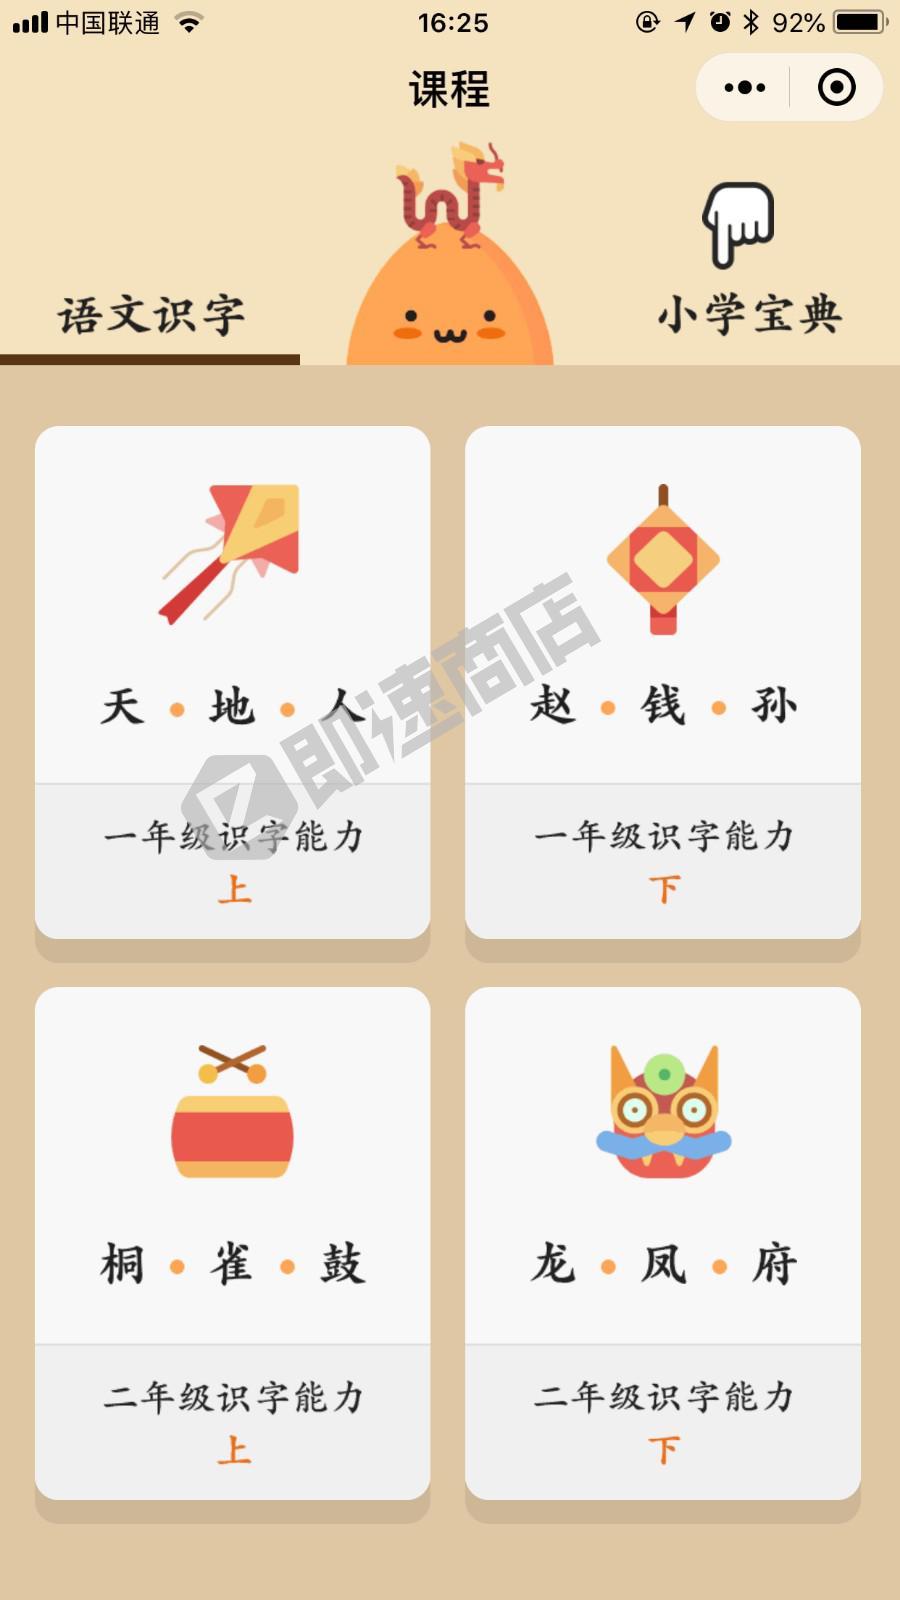 语文识字一汉字学习小学课本点读小程序首页截图